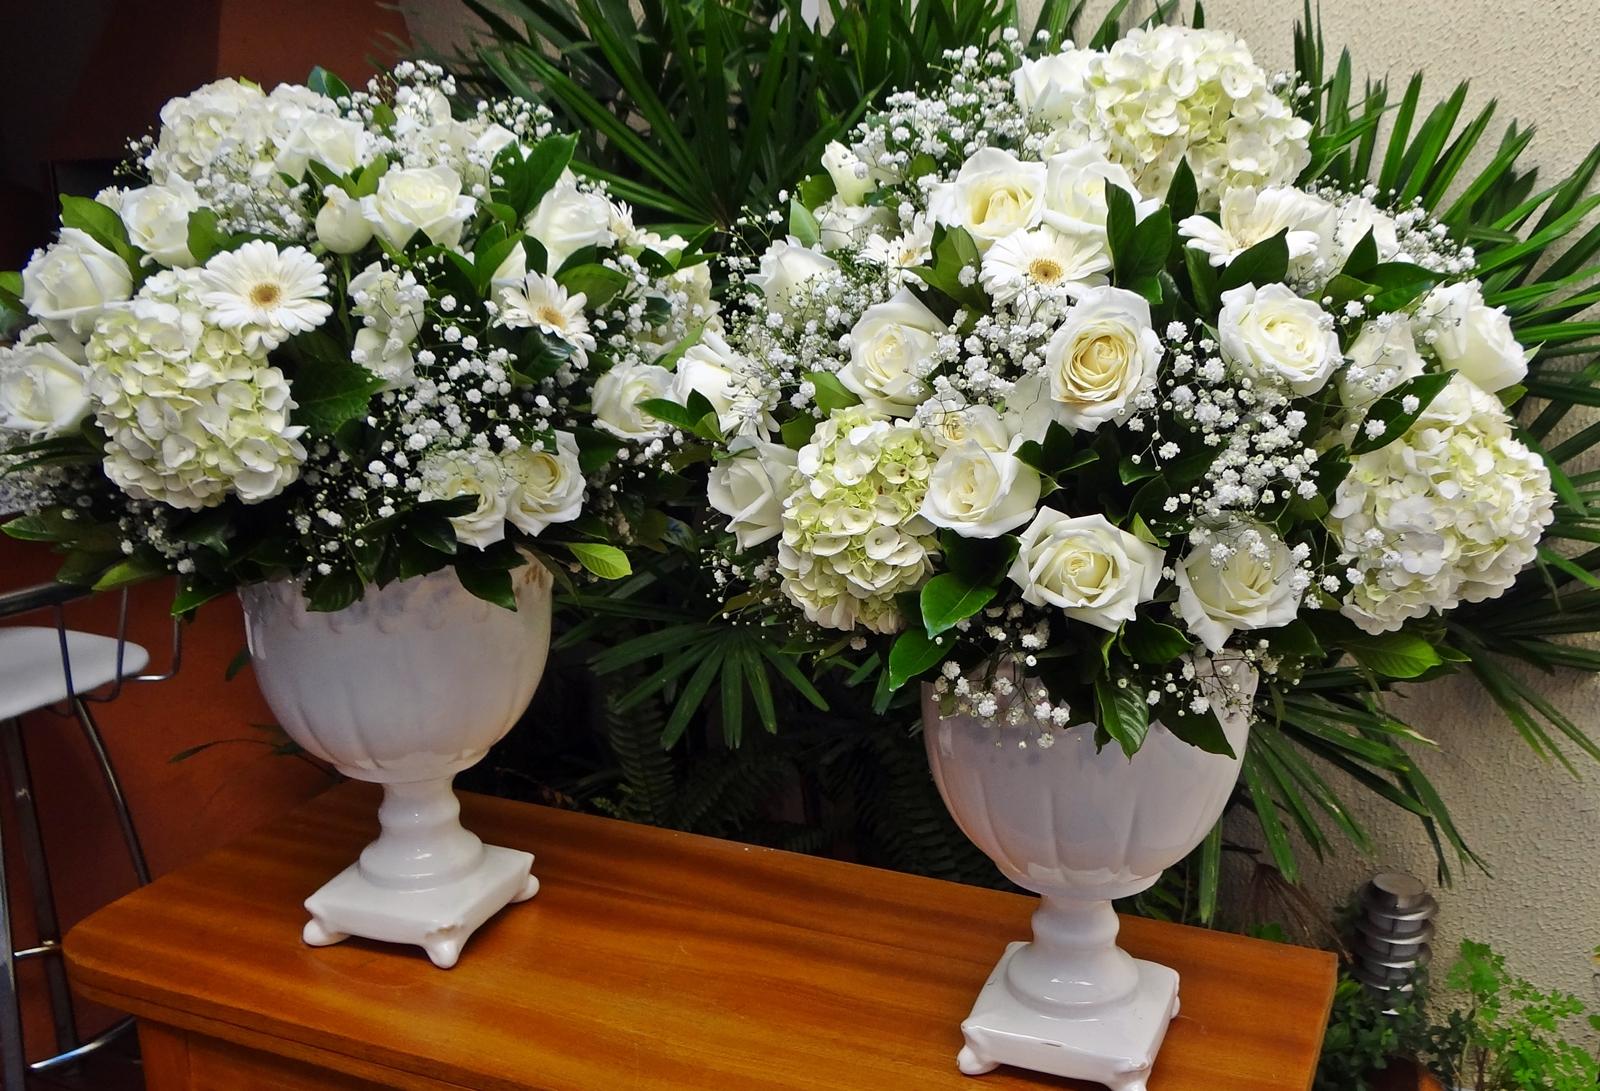 Fotos de vasos de flores naturais 53